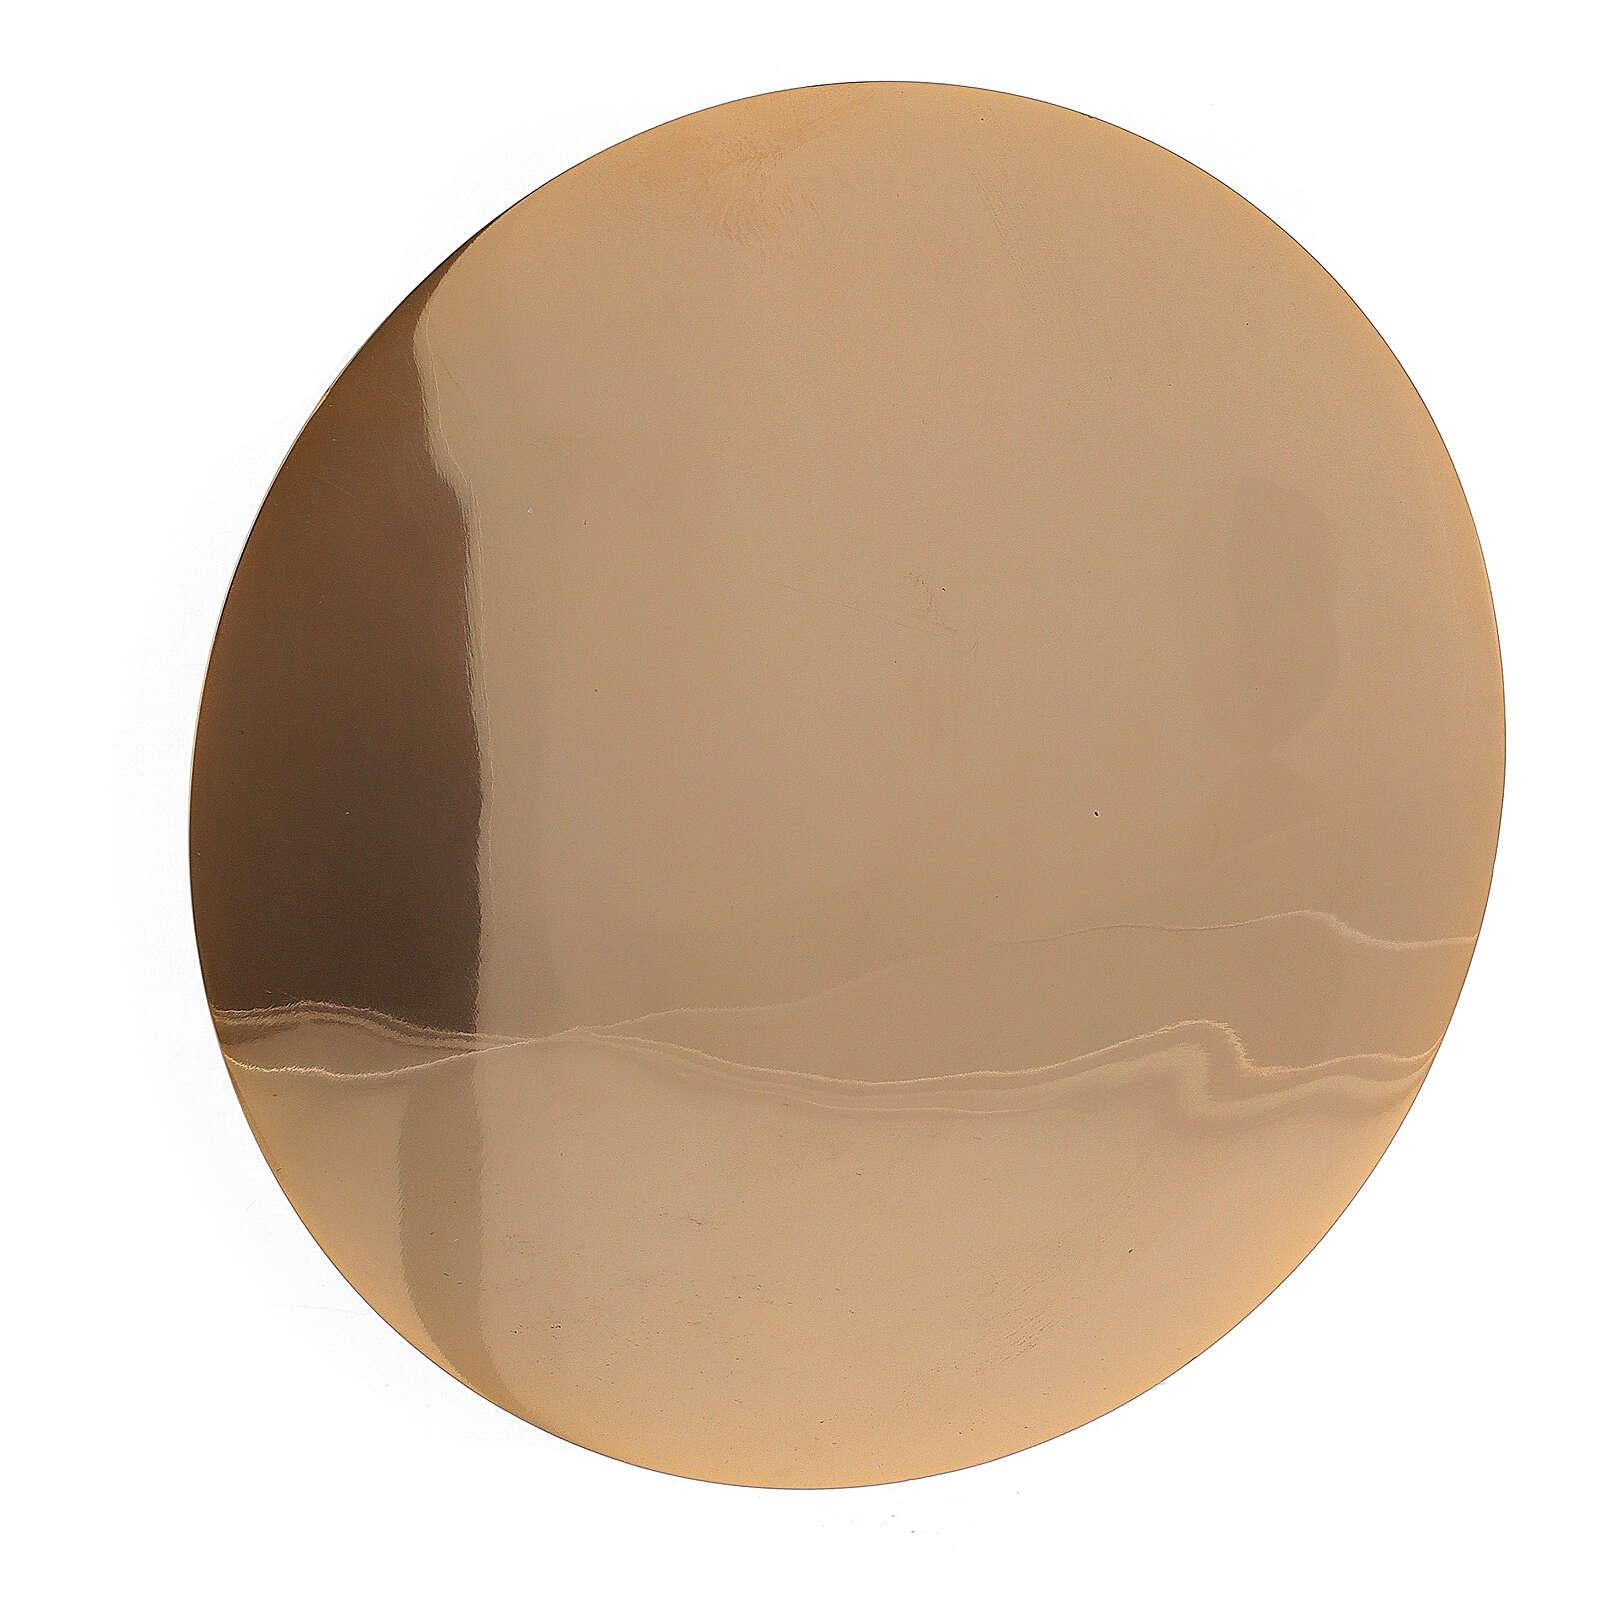 Patena latão dourado IHS gravado diâmetro 12,5 cm 4